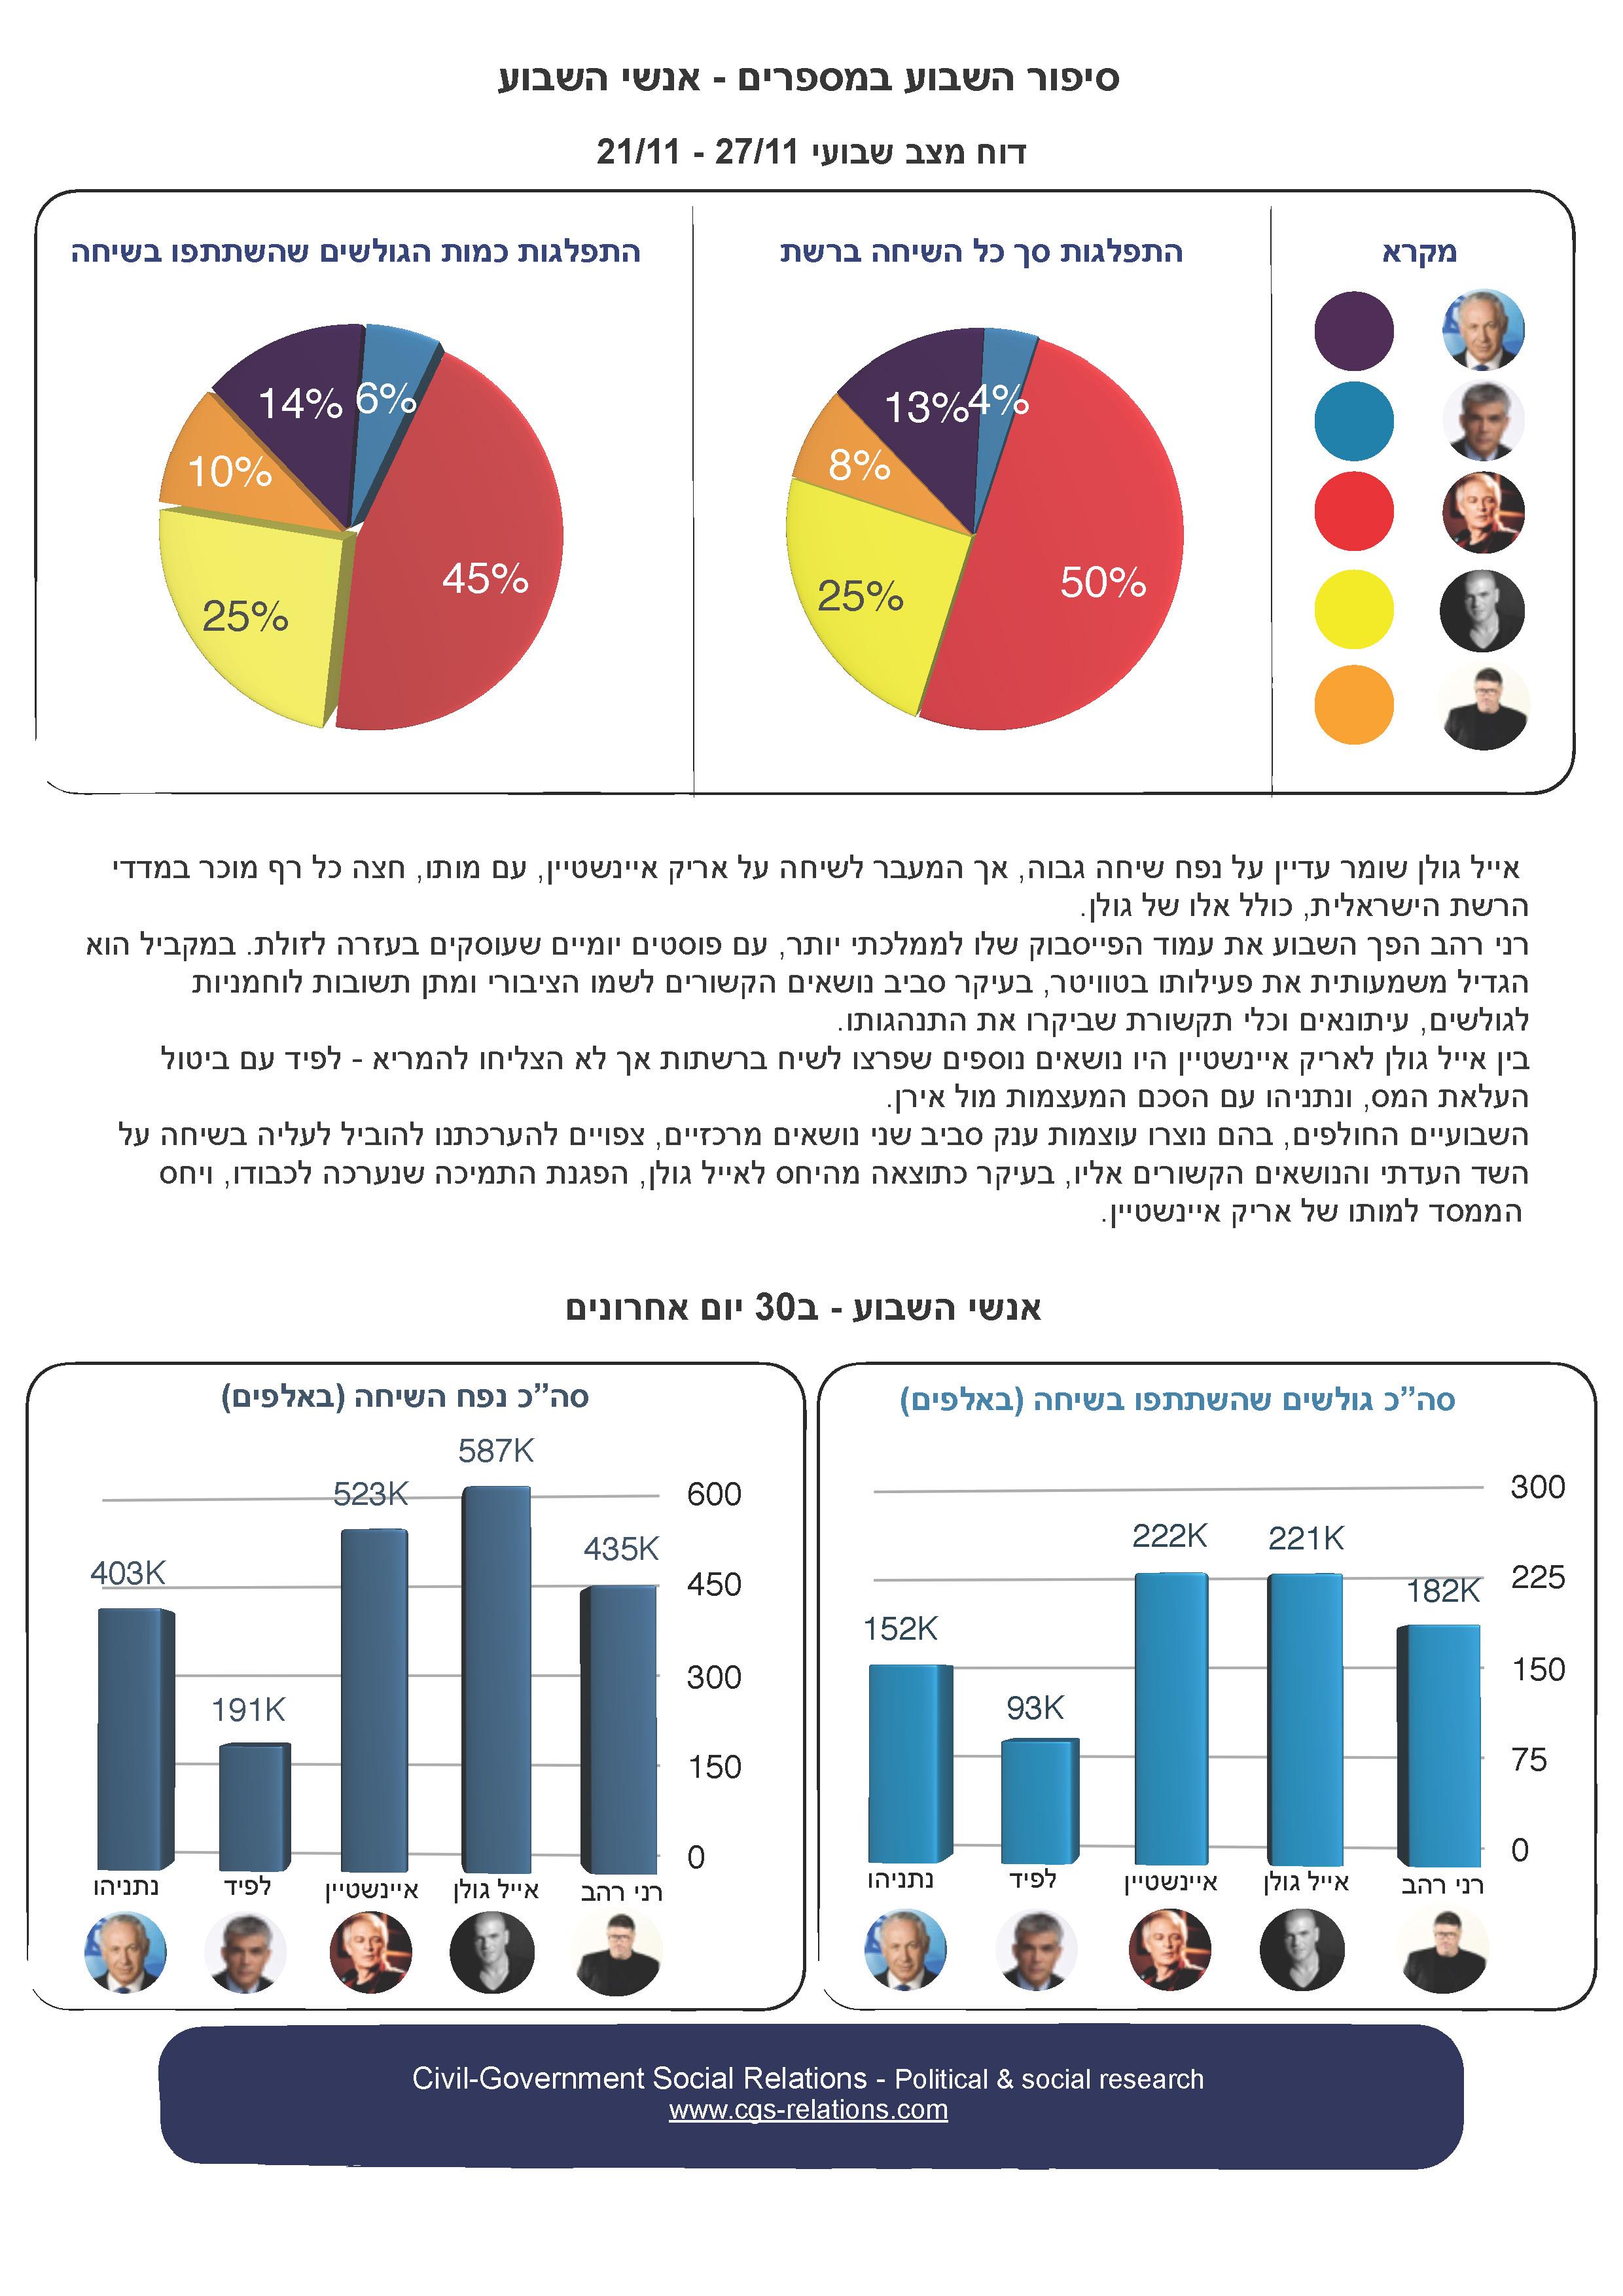 פוליטיקה וחברה ברשתות חברתיות: 21-27 בנובמבר